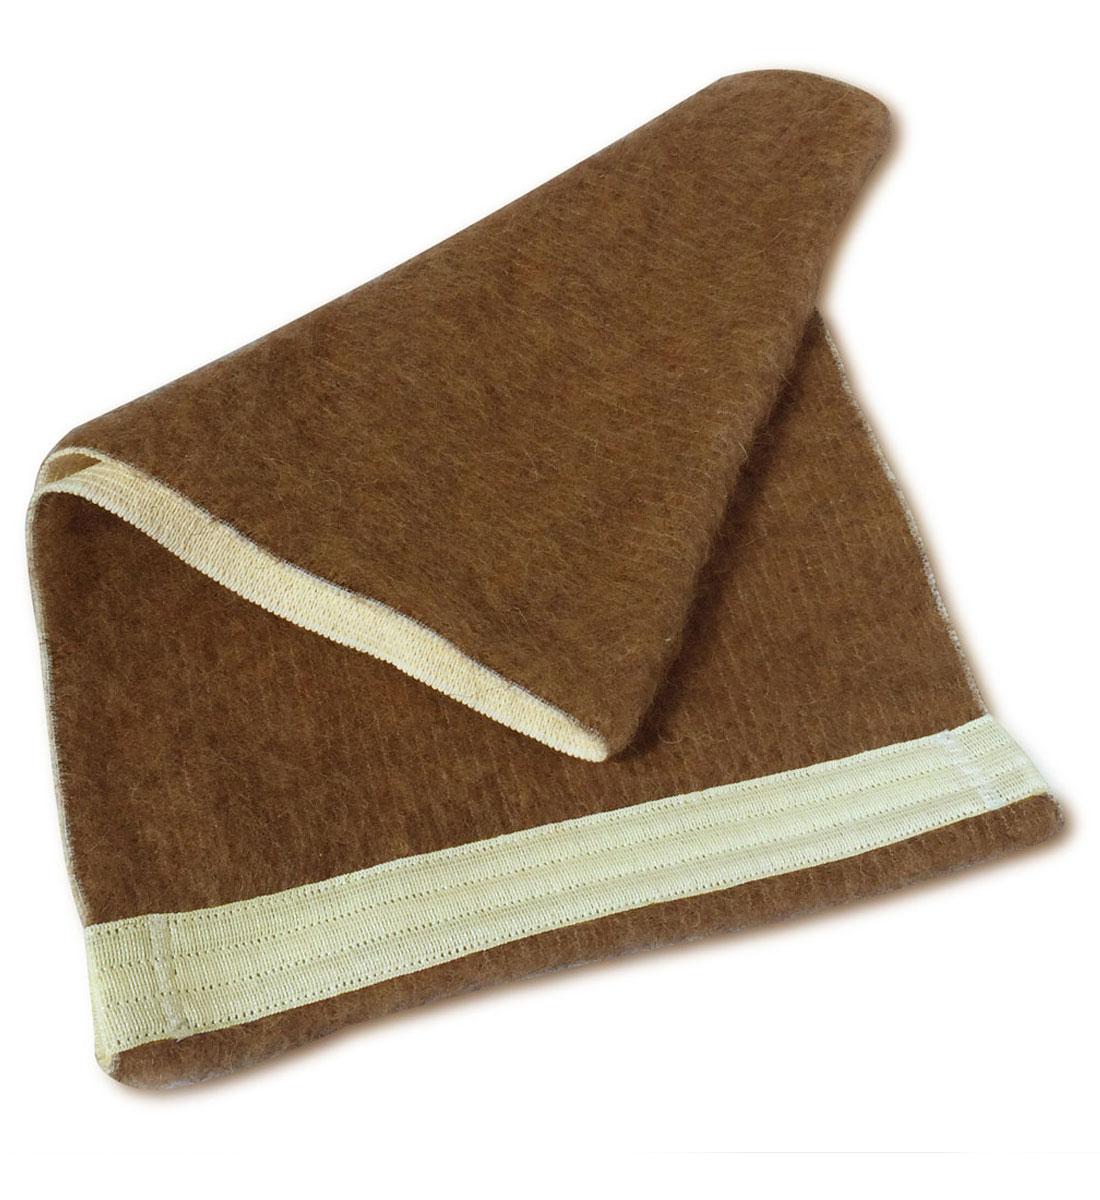 Пояс-бандаж согревающий, верблюжья шерсть, размер 2 (талия 68-75) (ИМН)